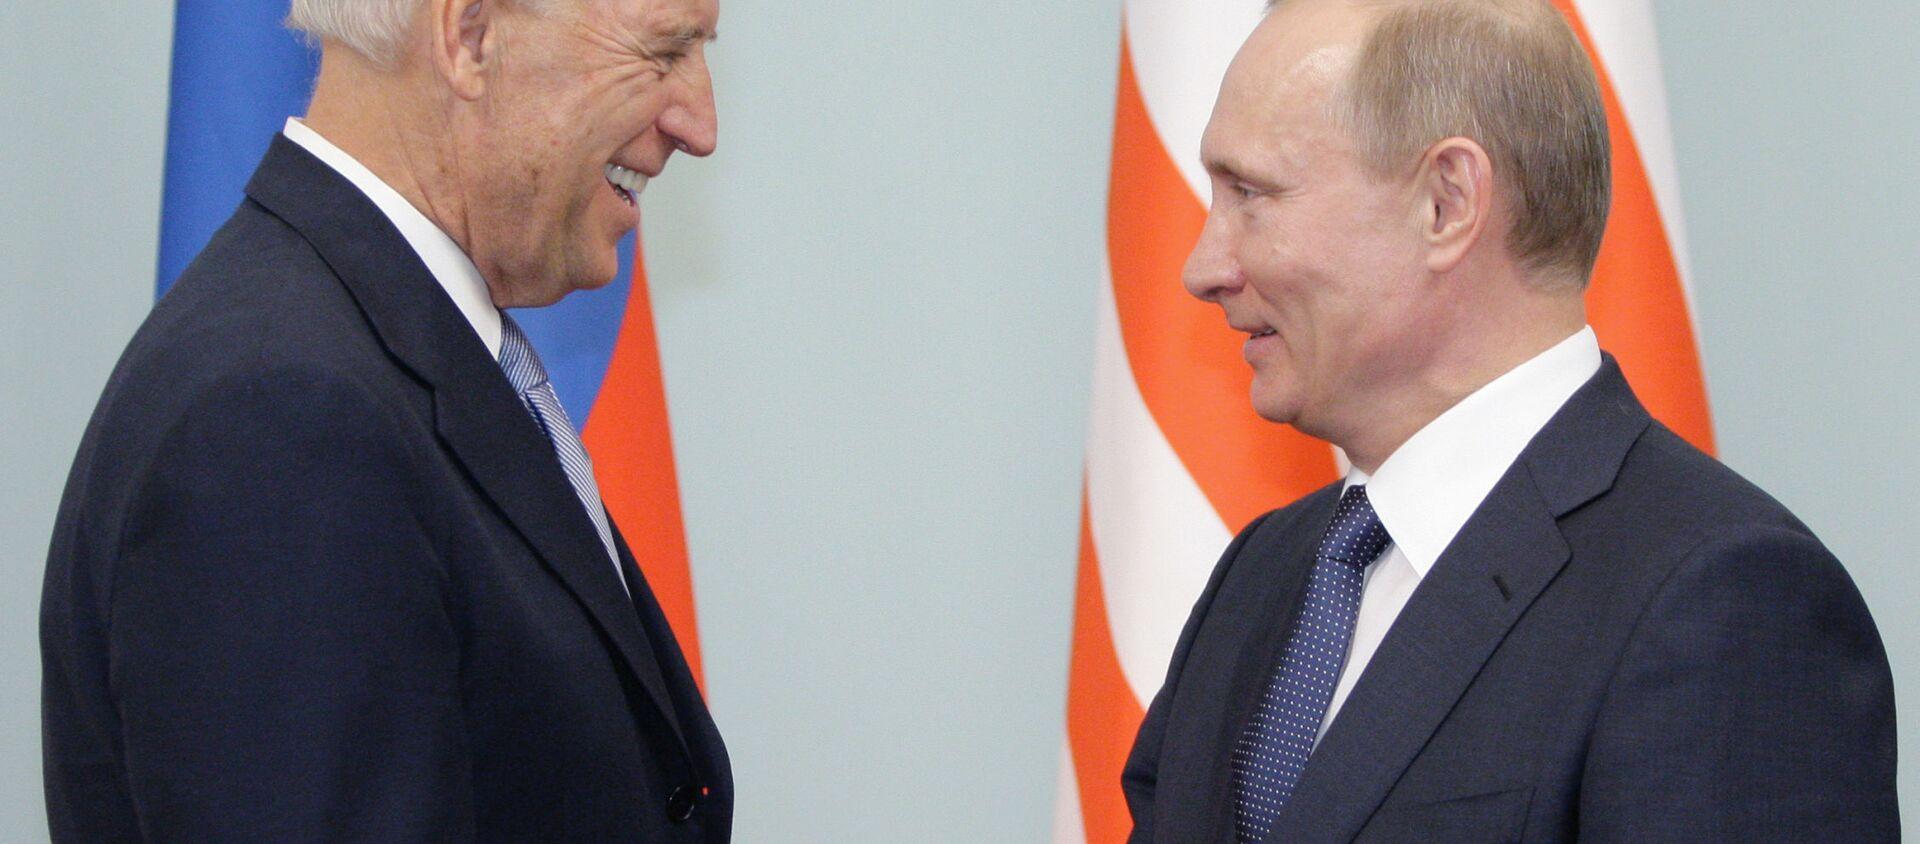 Spotkanie Władimira Putina i Joe Bidena w Moskwie. Zdjęcie archiwalne. - Sputnik Polska, 1920, 13.06.2021